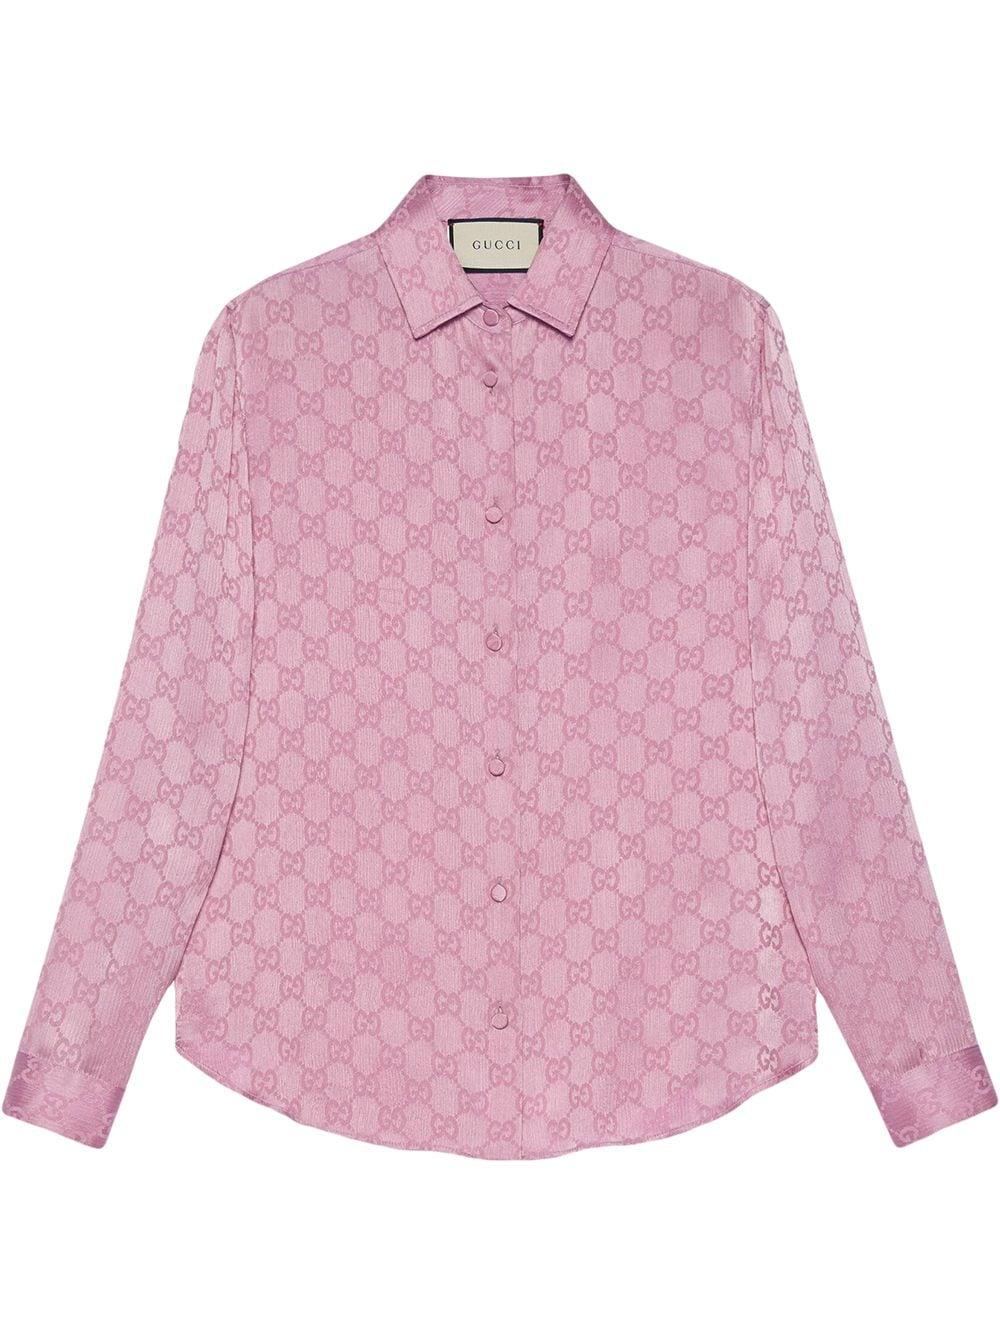 camicia di seta rosa con stampa Gucci Supreme all over GUCCI | Camicie | 627773-ZAEJF5128